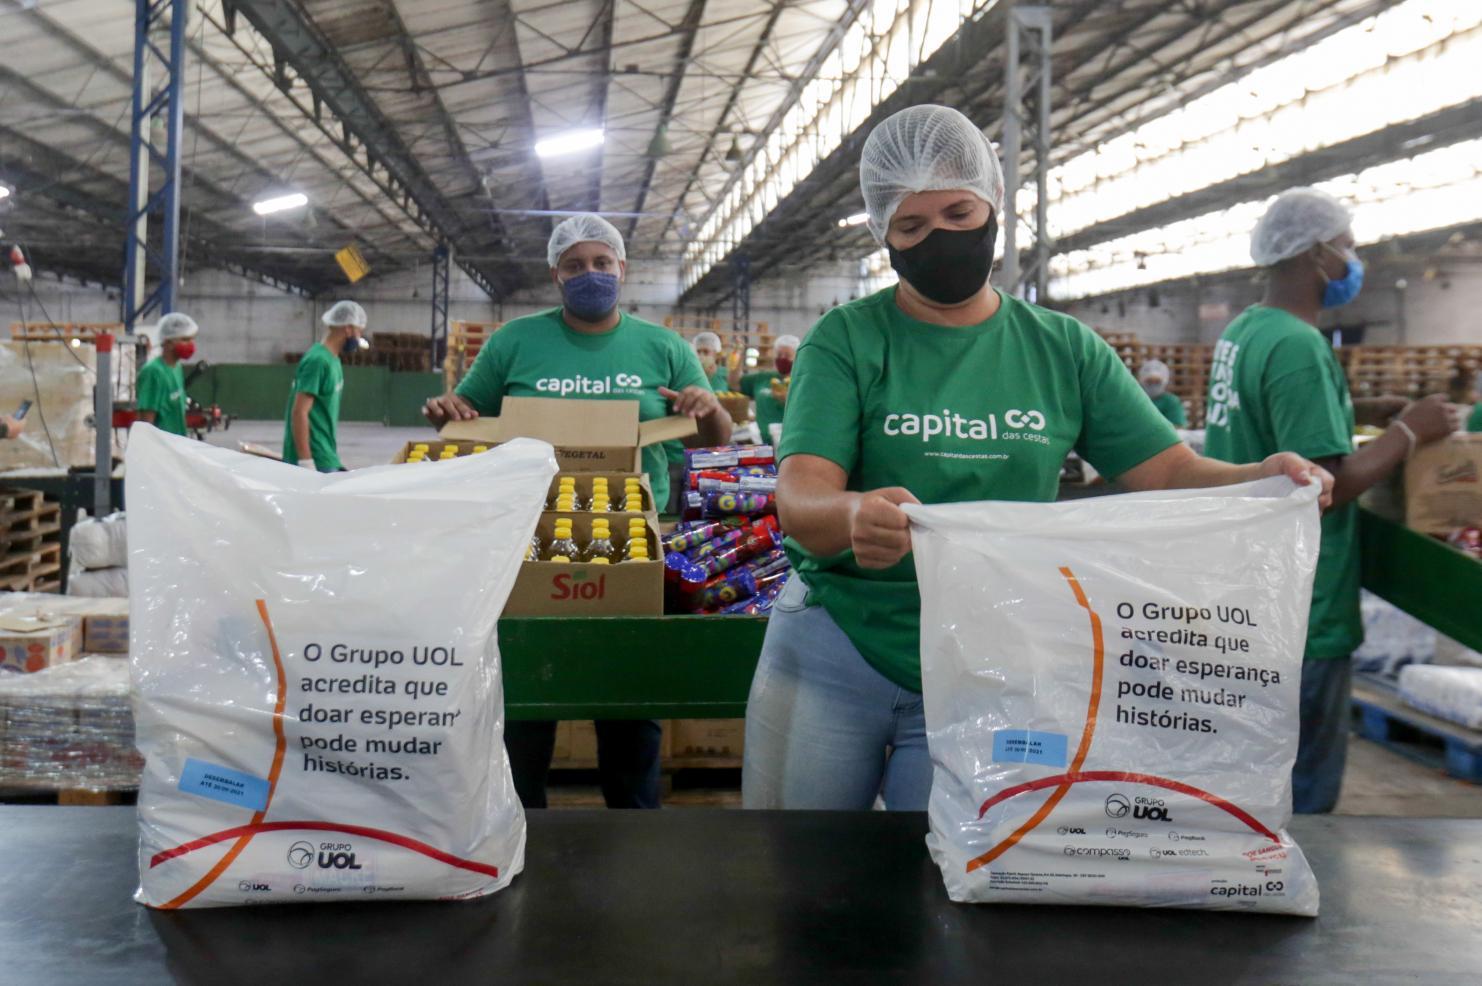 Grupo UOL doa 50 mil cestas básicas para famílias em vulnerabilidade pelo Brasil